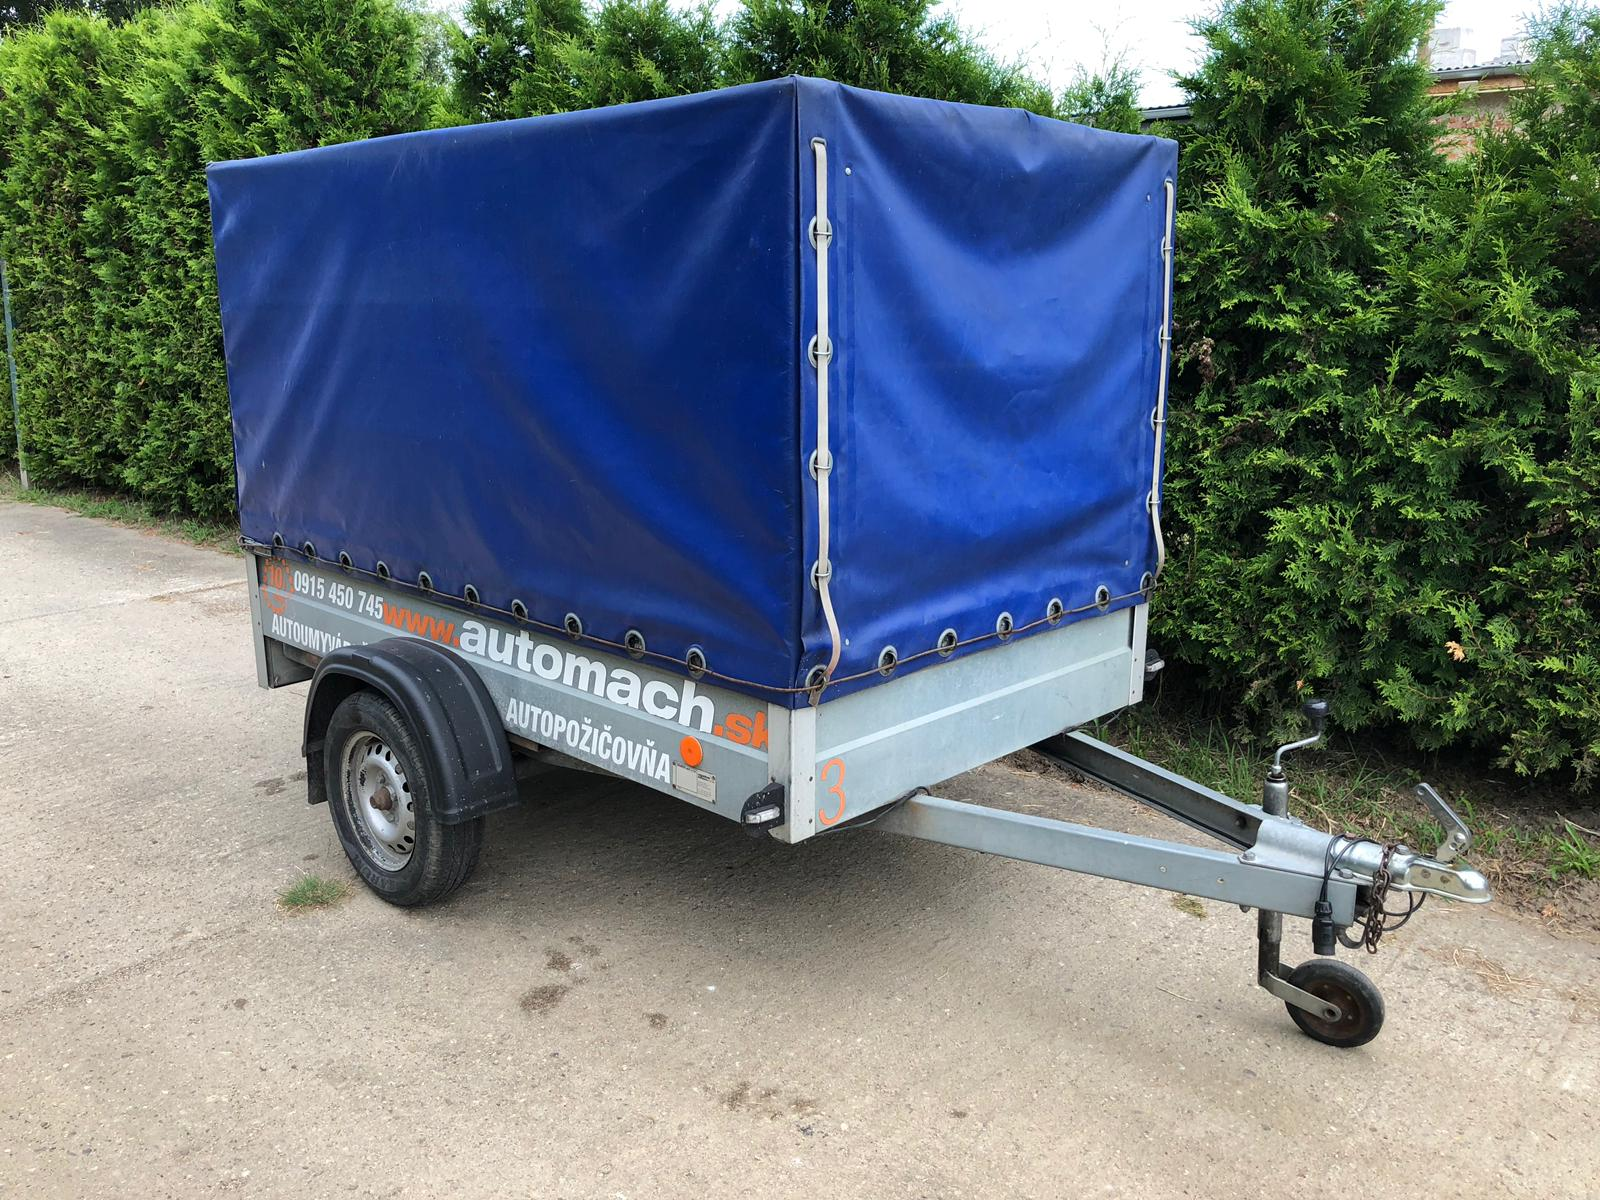 Prívesný vozík plachtový do 750kg s rozmermi 2,25m x 1,25m x 1,3m